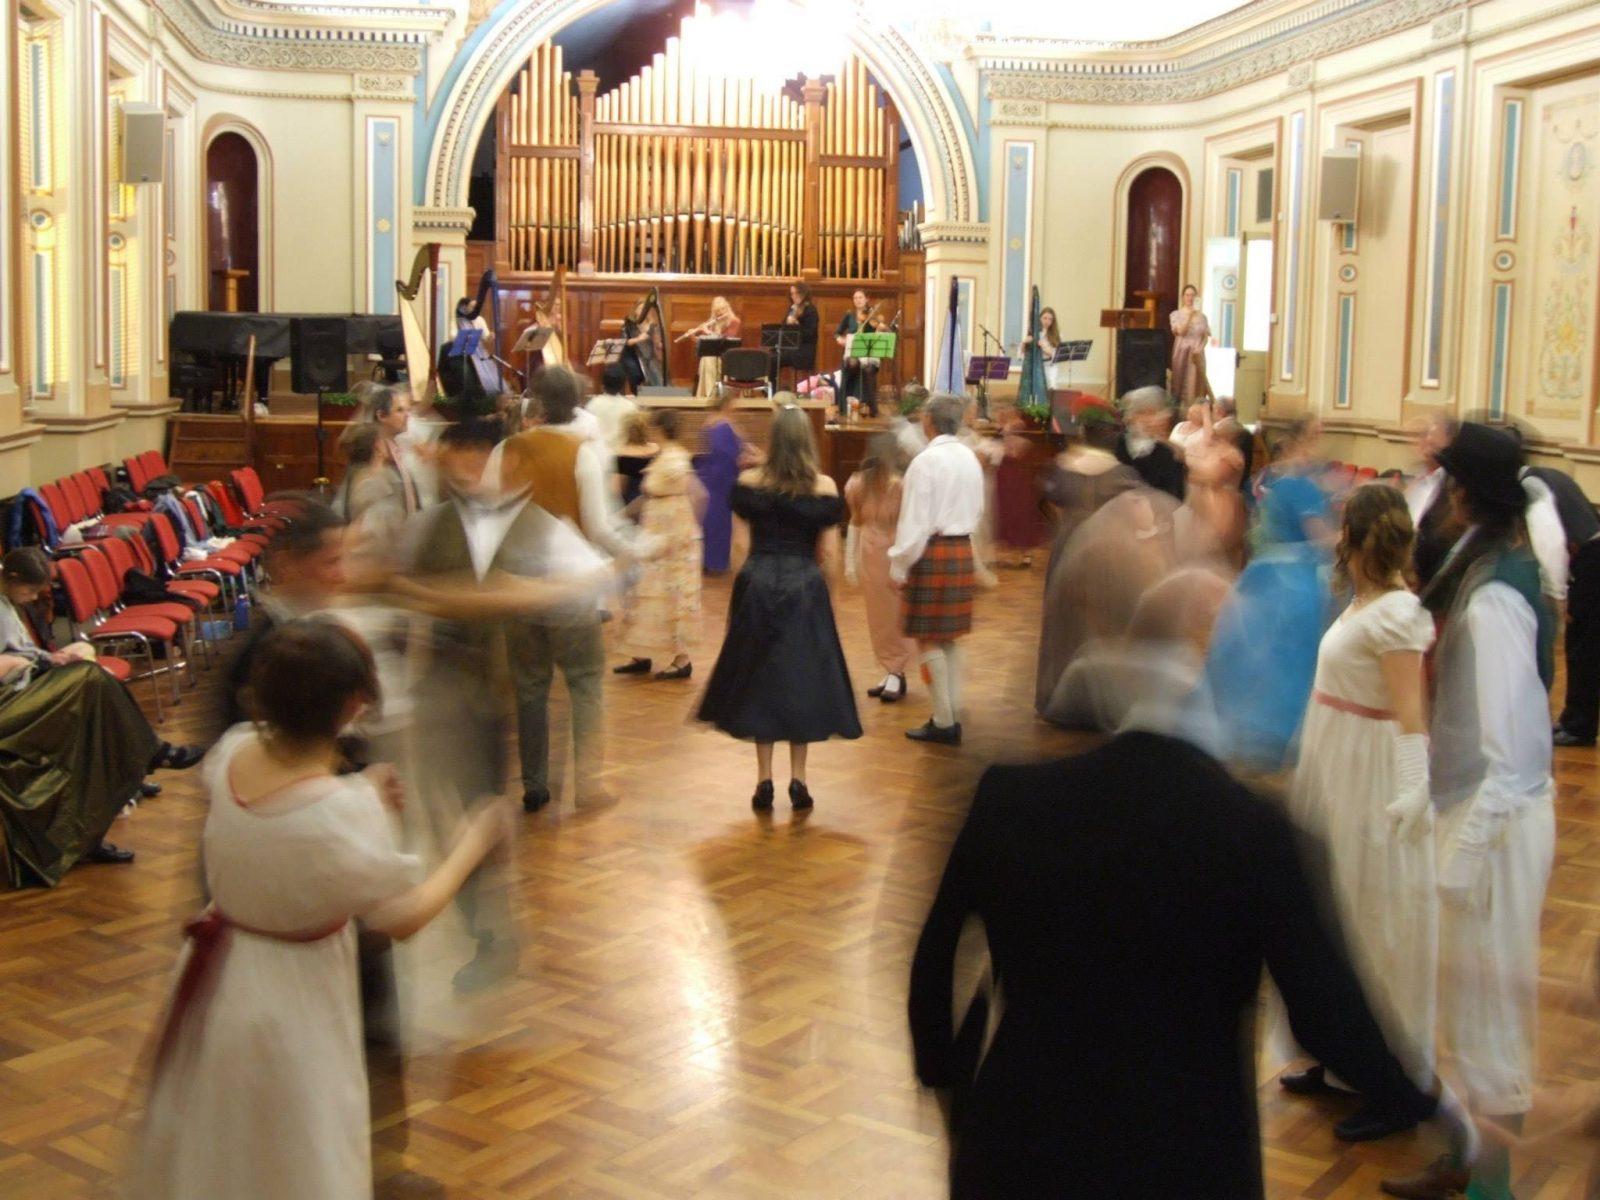 dancers in period costume